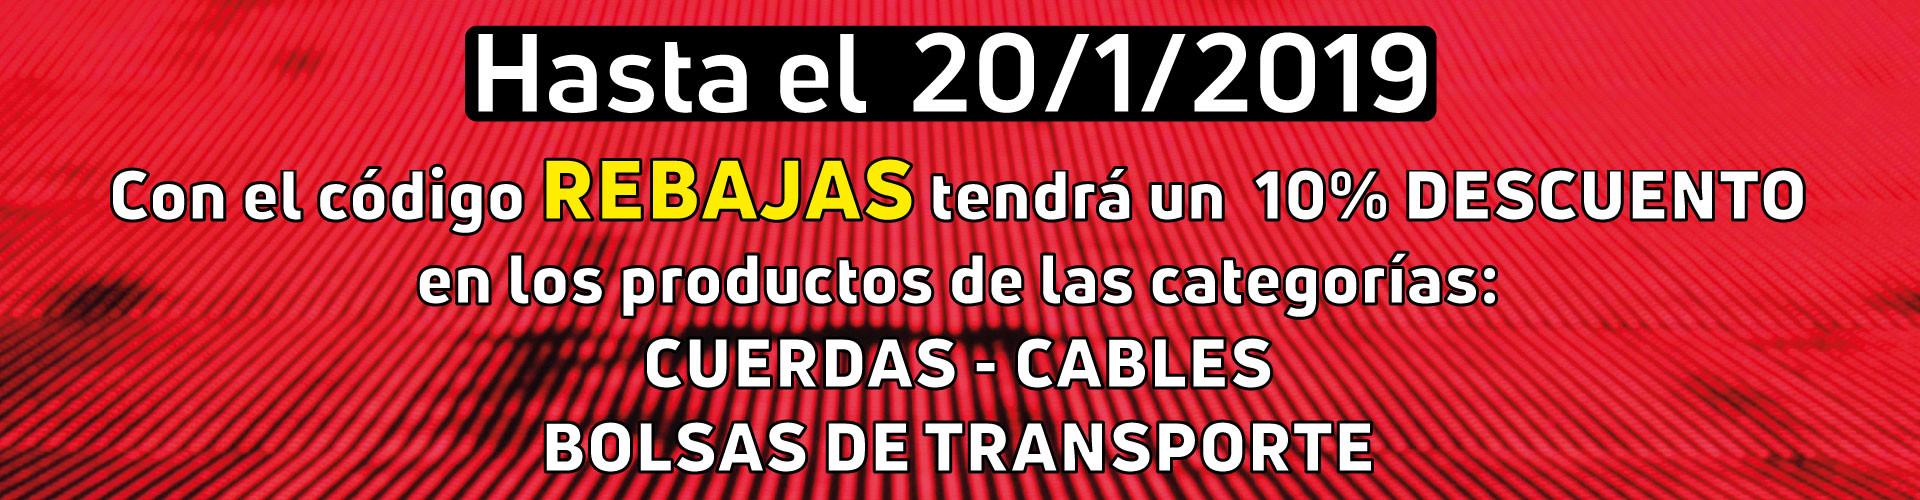 Rebajas - 10% en las categorías: Cuerdas / Cables / Bolsas de Transporte - hasta 20/01